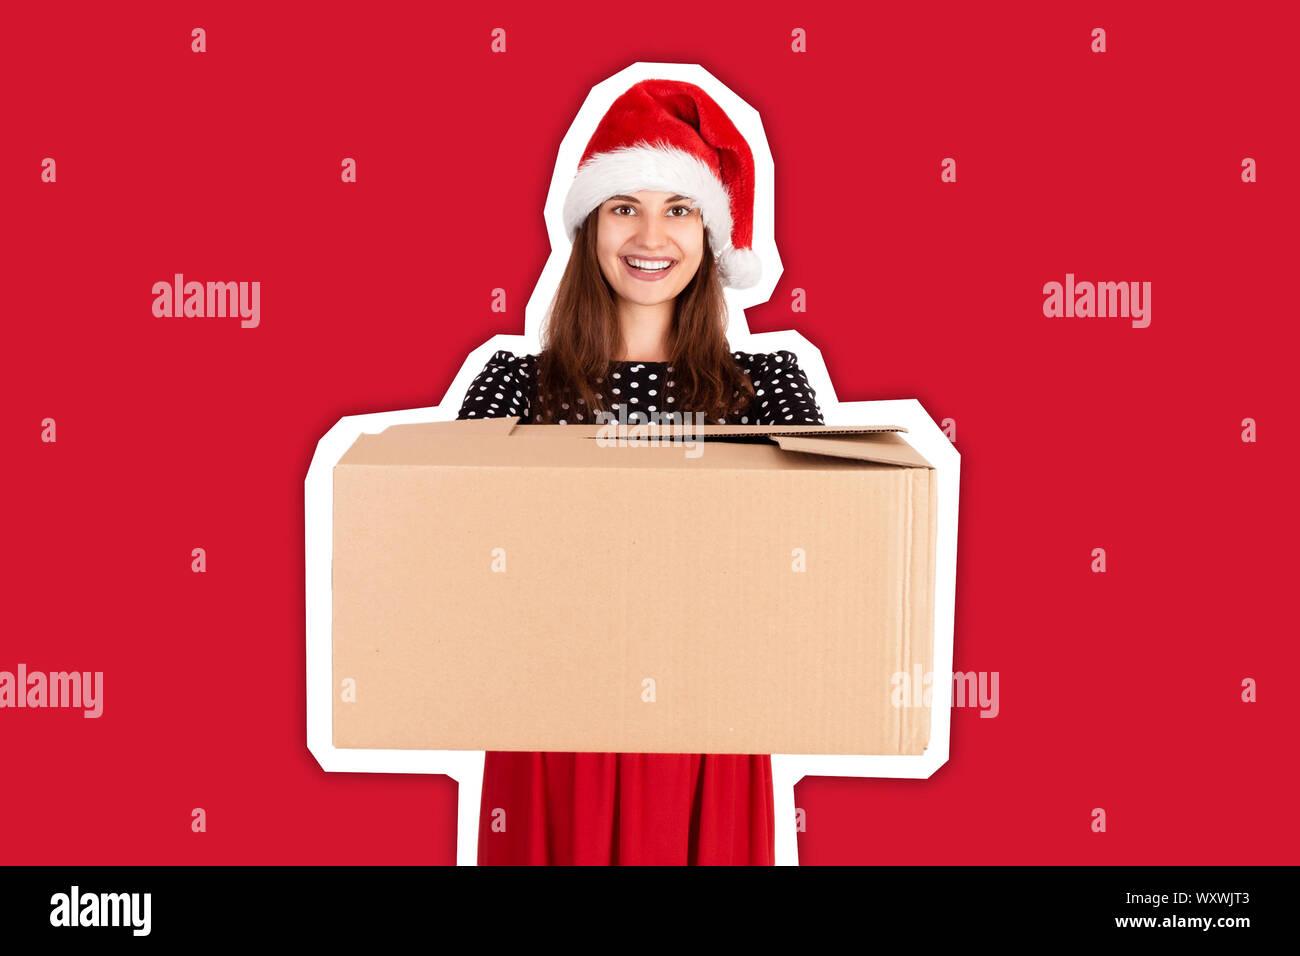 Fröhliches glückliches Mädchen in Weihnachten hat einen großen Karton mit blauer Schleife. Zeitschrift collage Stil mit trendigen Farbe Hintergrund. Feiertage conce Stockfoto